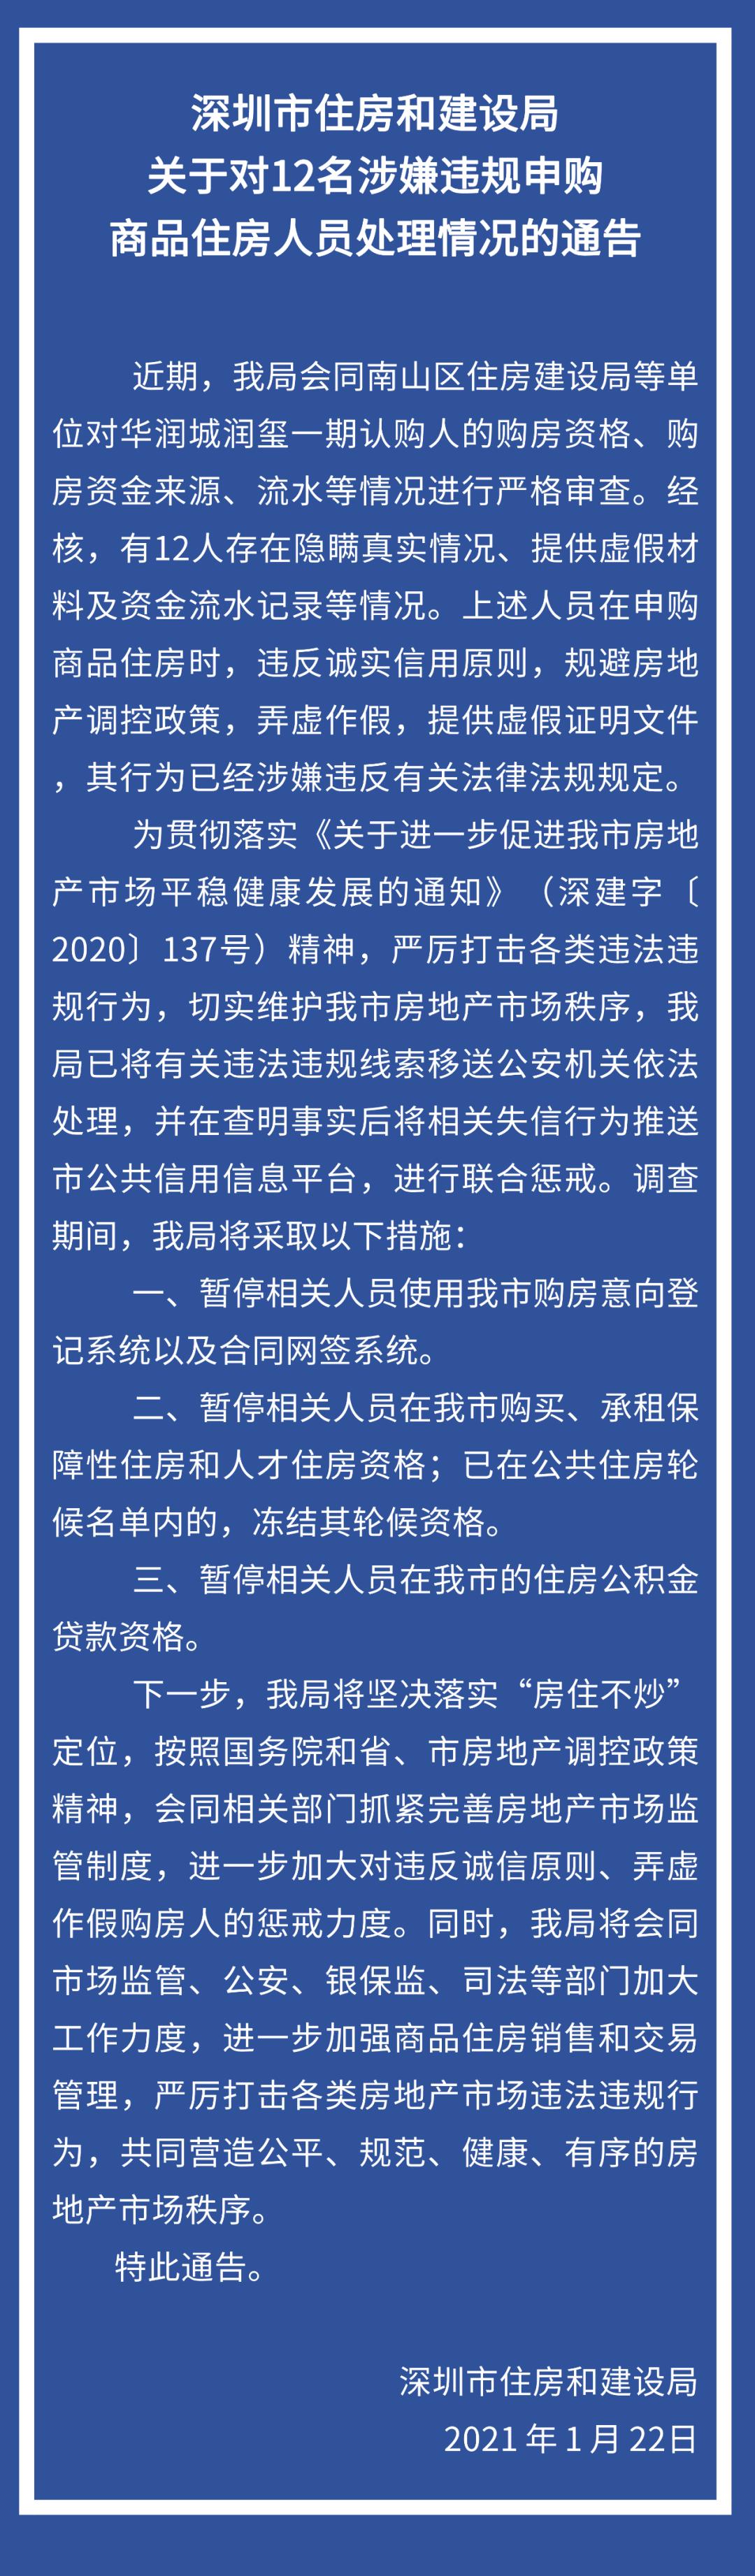 涉嫌违规申购商品住房,提供虚假证明文件,深圳12人被住建局通报